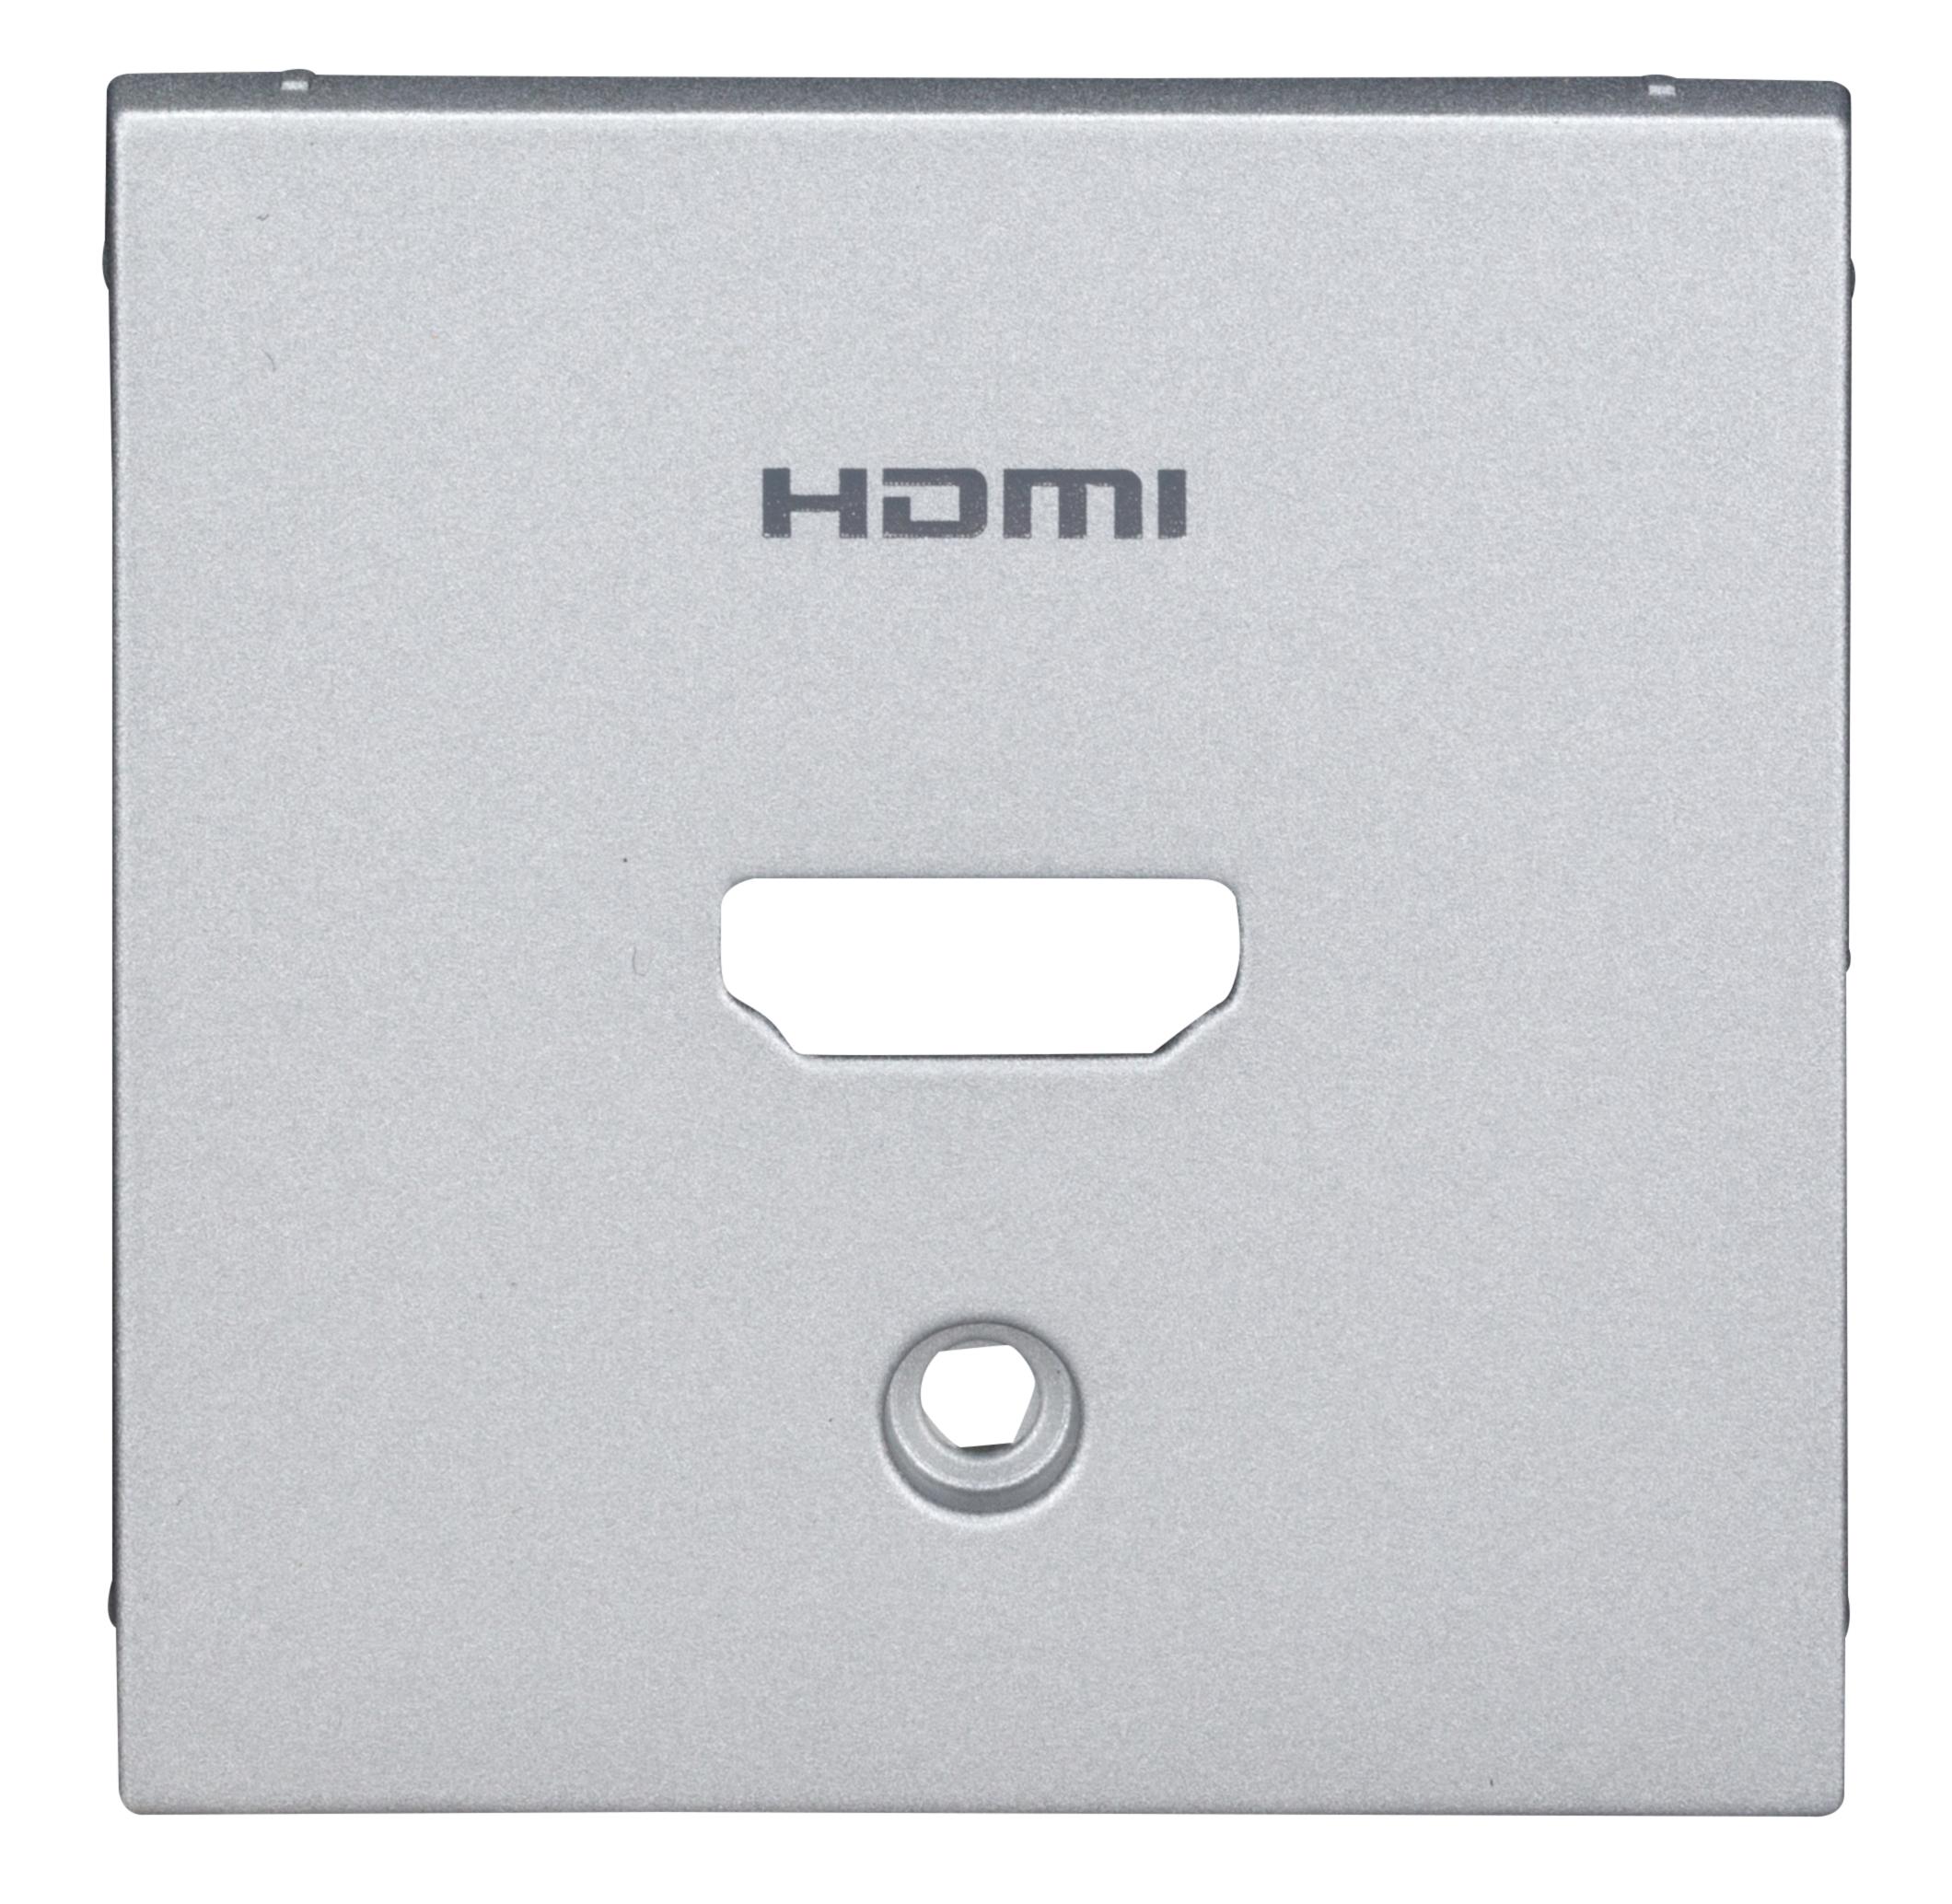 1 Stk HDMI Aufsatz, silber EV124051--